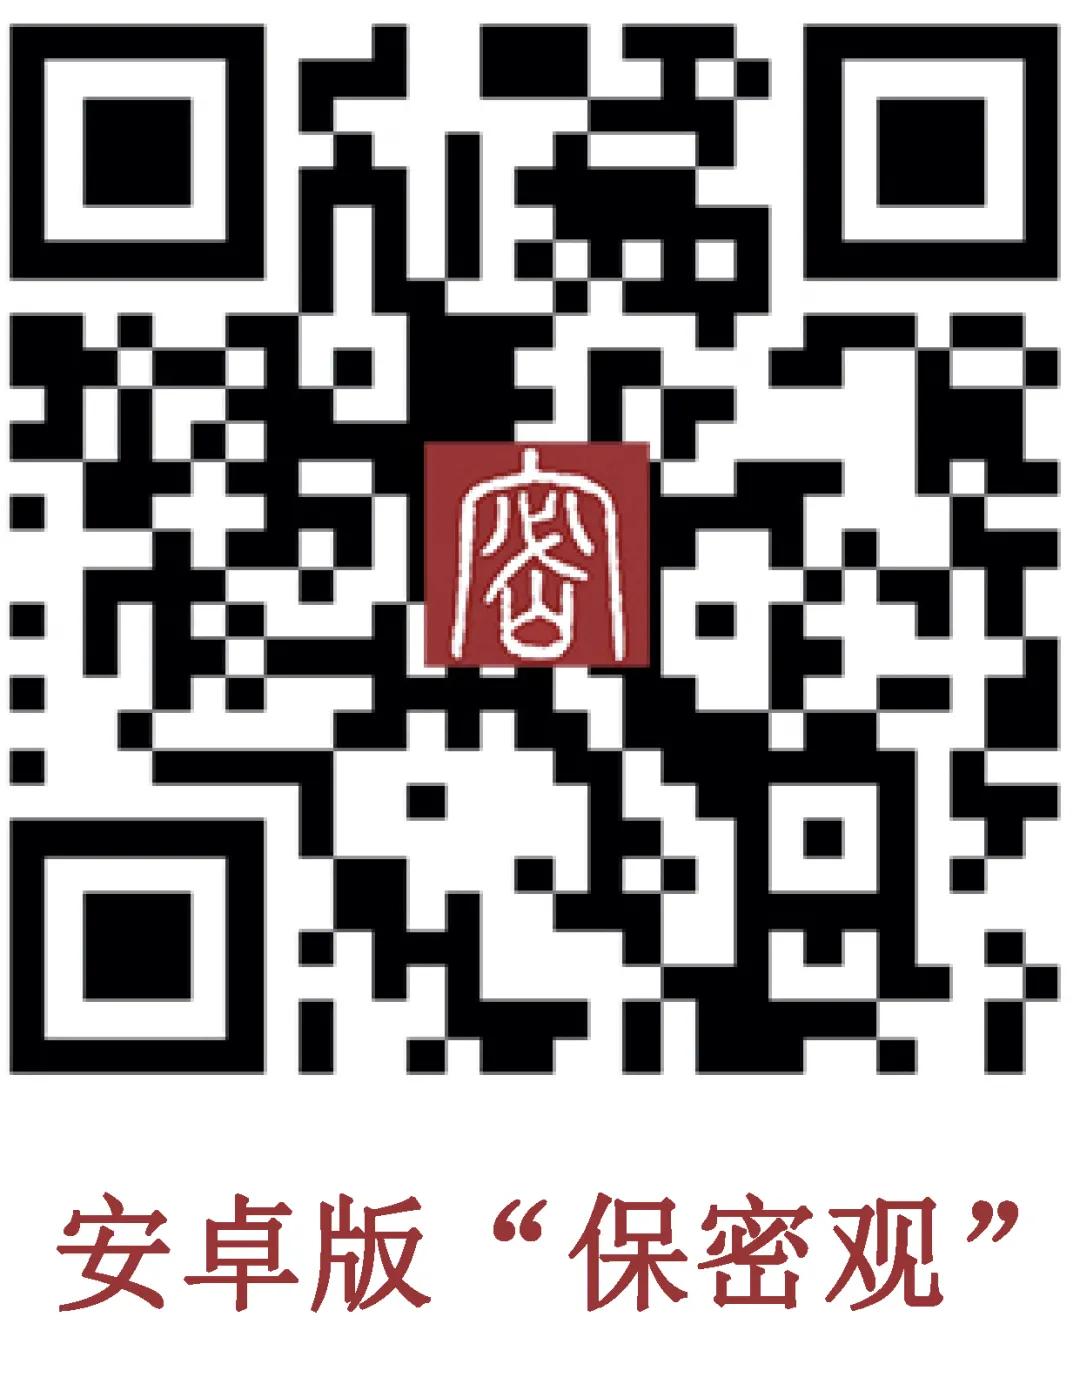 庆祝中国共产党成立100周年保密知识竞赛活动开启啦